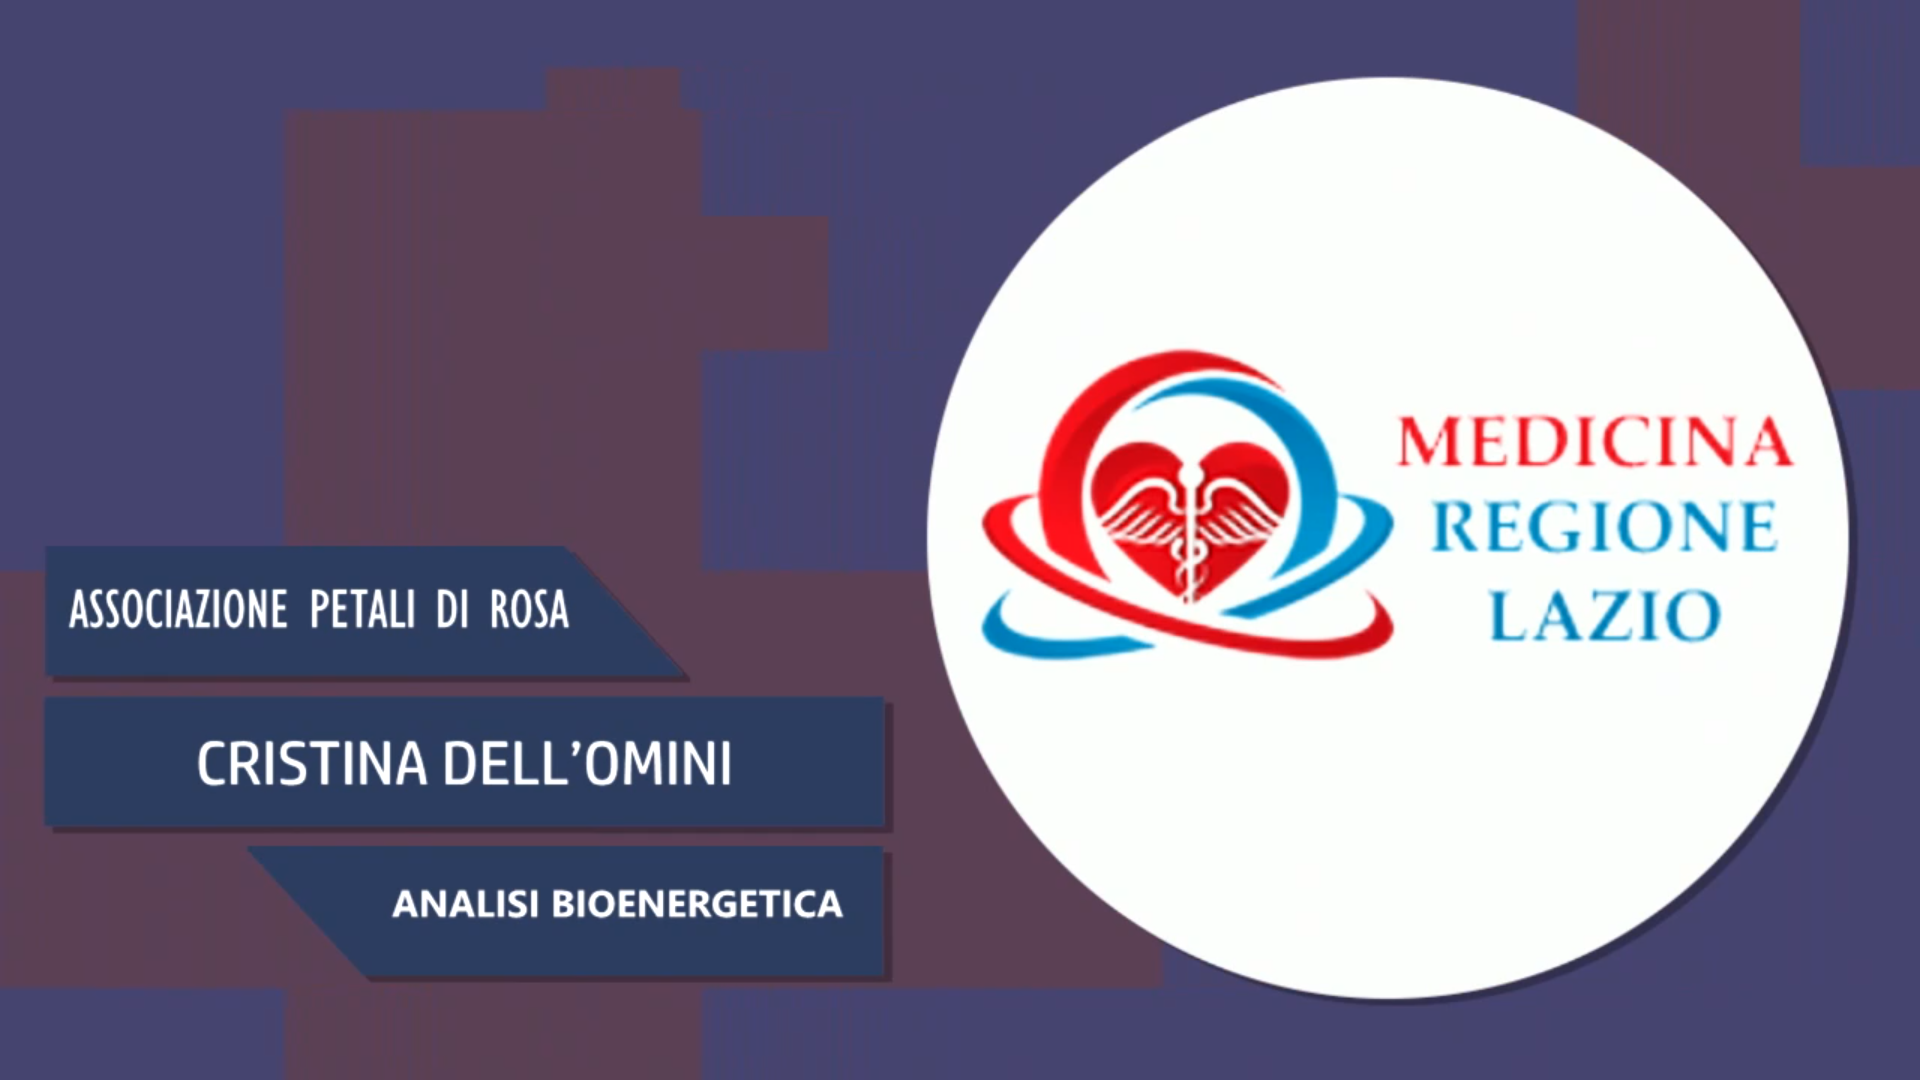 Intervista a Cristina Dell'Omini – Analisi bioenergetica